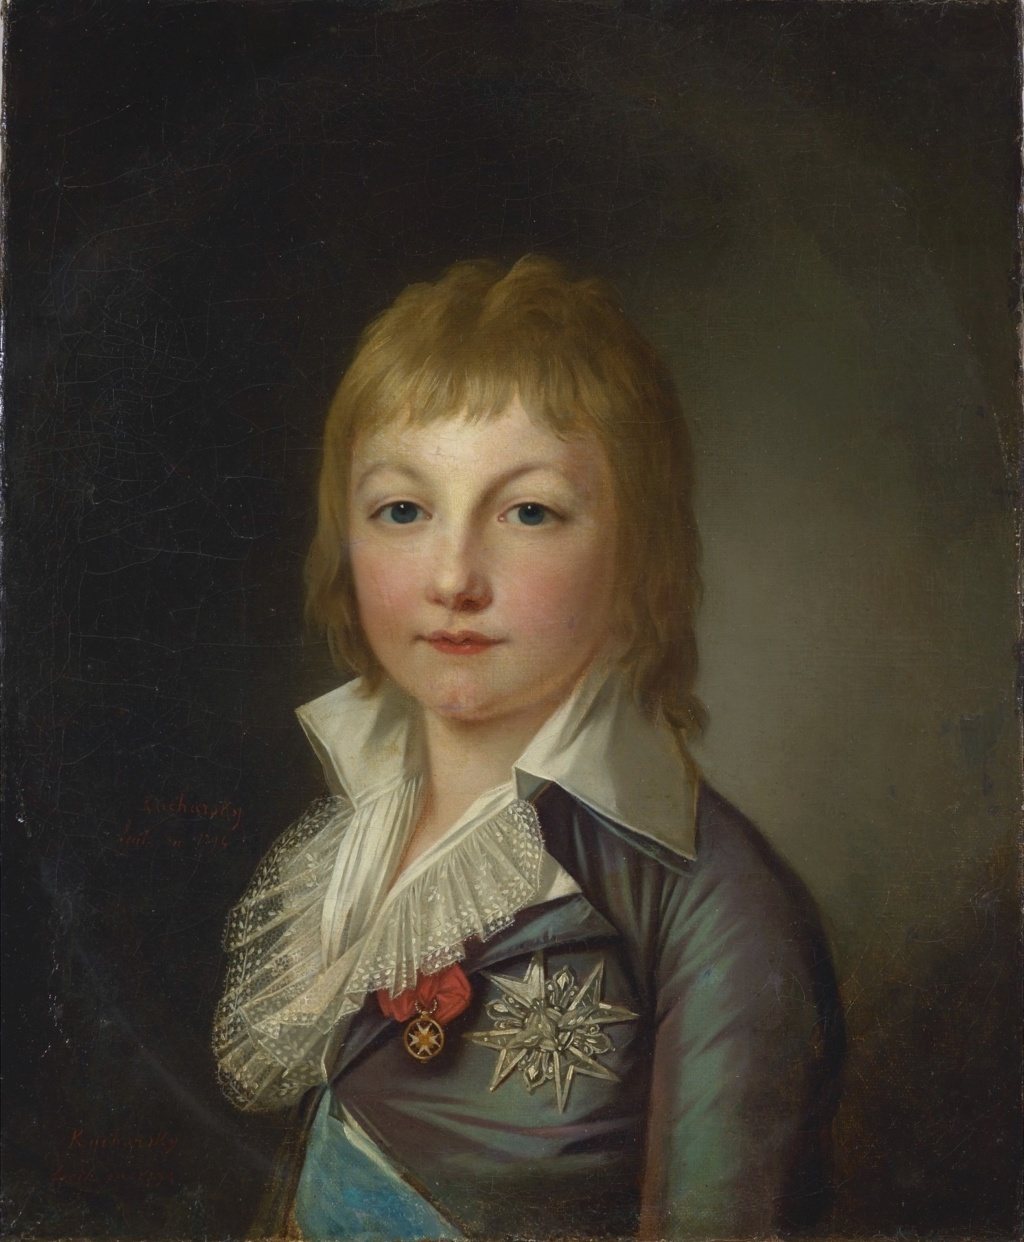 Portraits des dauphins Louis-Joseph ou Louis-Charles ? - Page 3 V1_zkw10